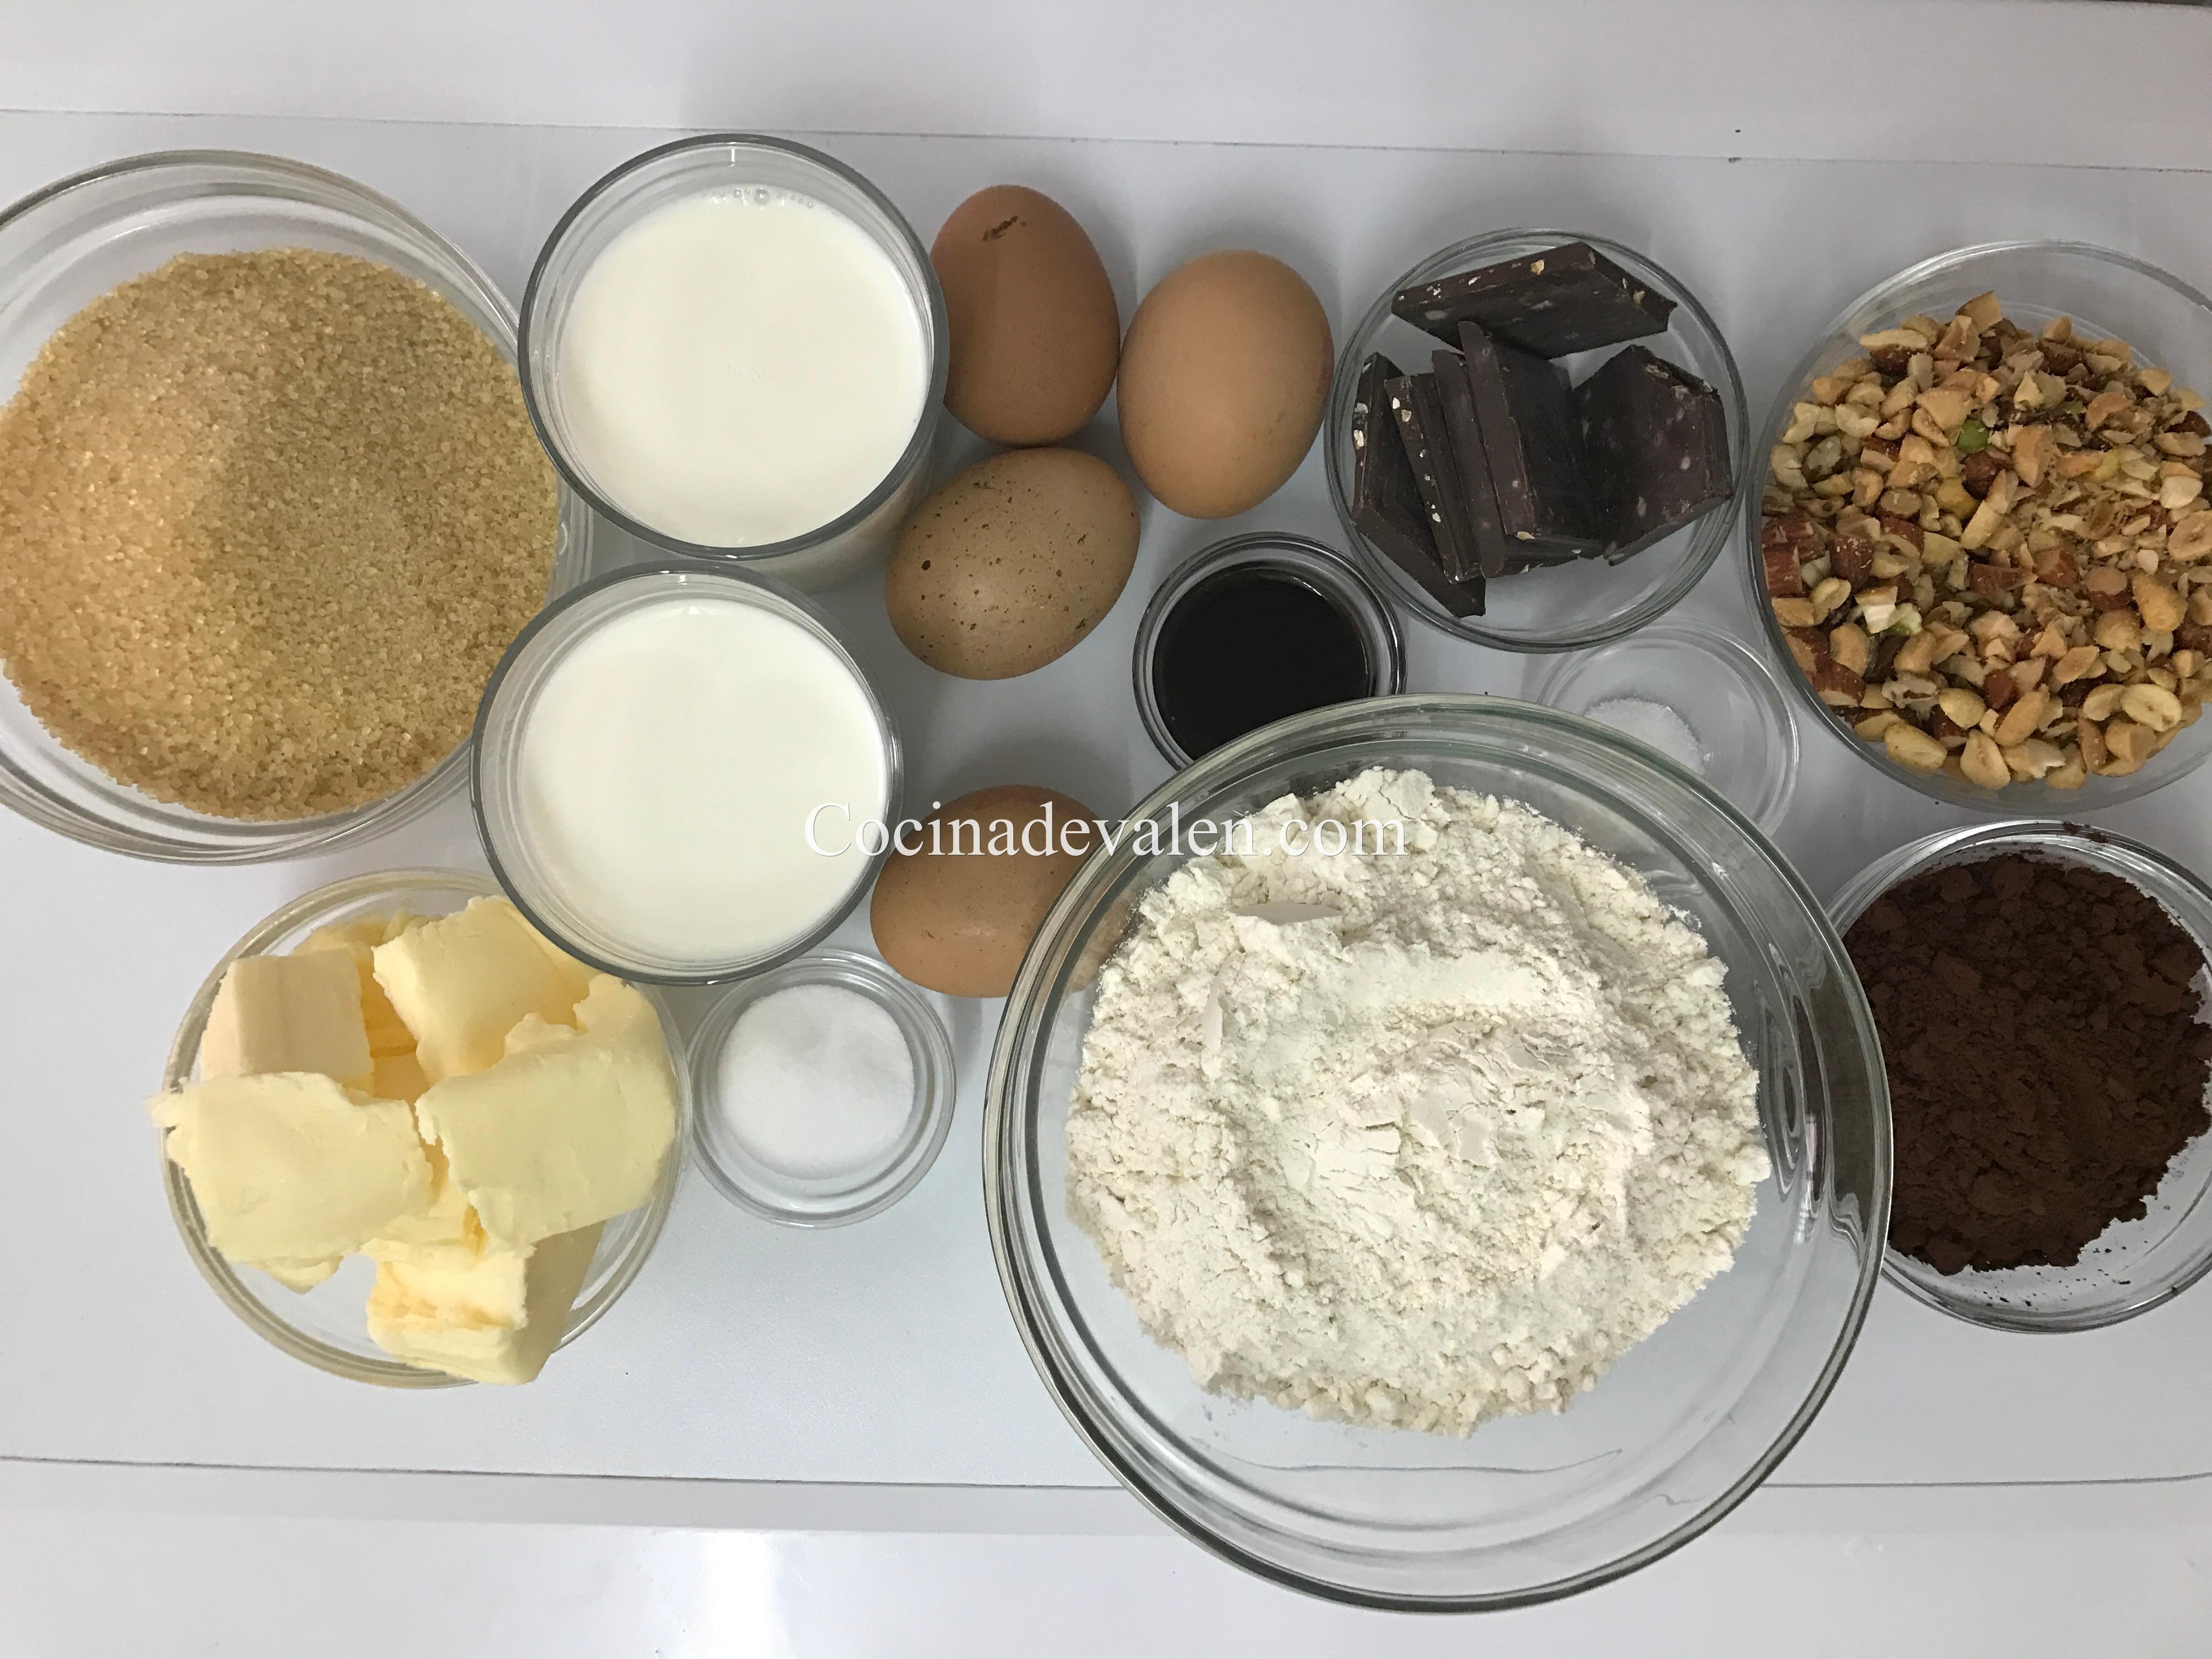 Bizcocho de Chocolate y frutos secos - Cocina de Valen